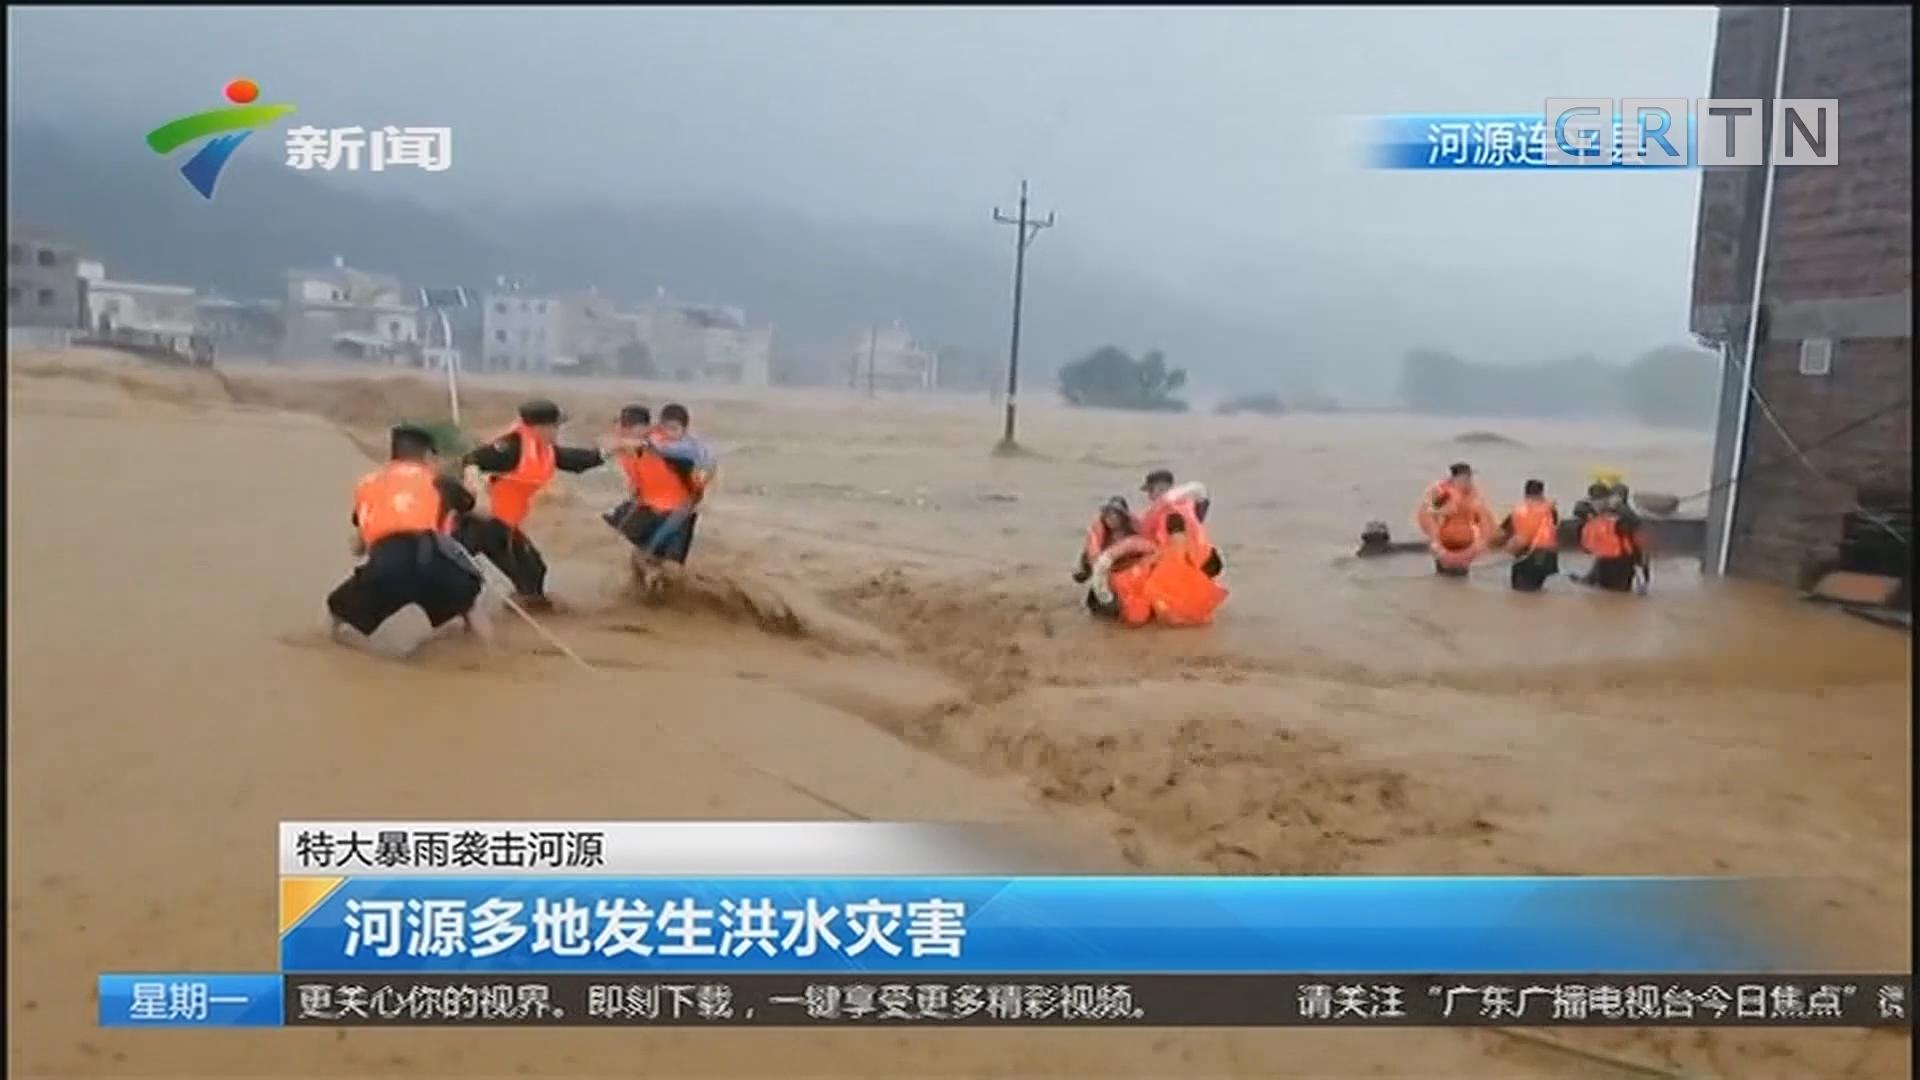 特大暴雨袭击河源 河源多地发生洪水灾害